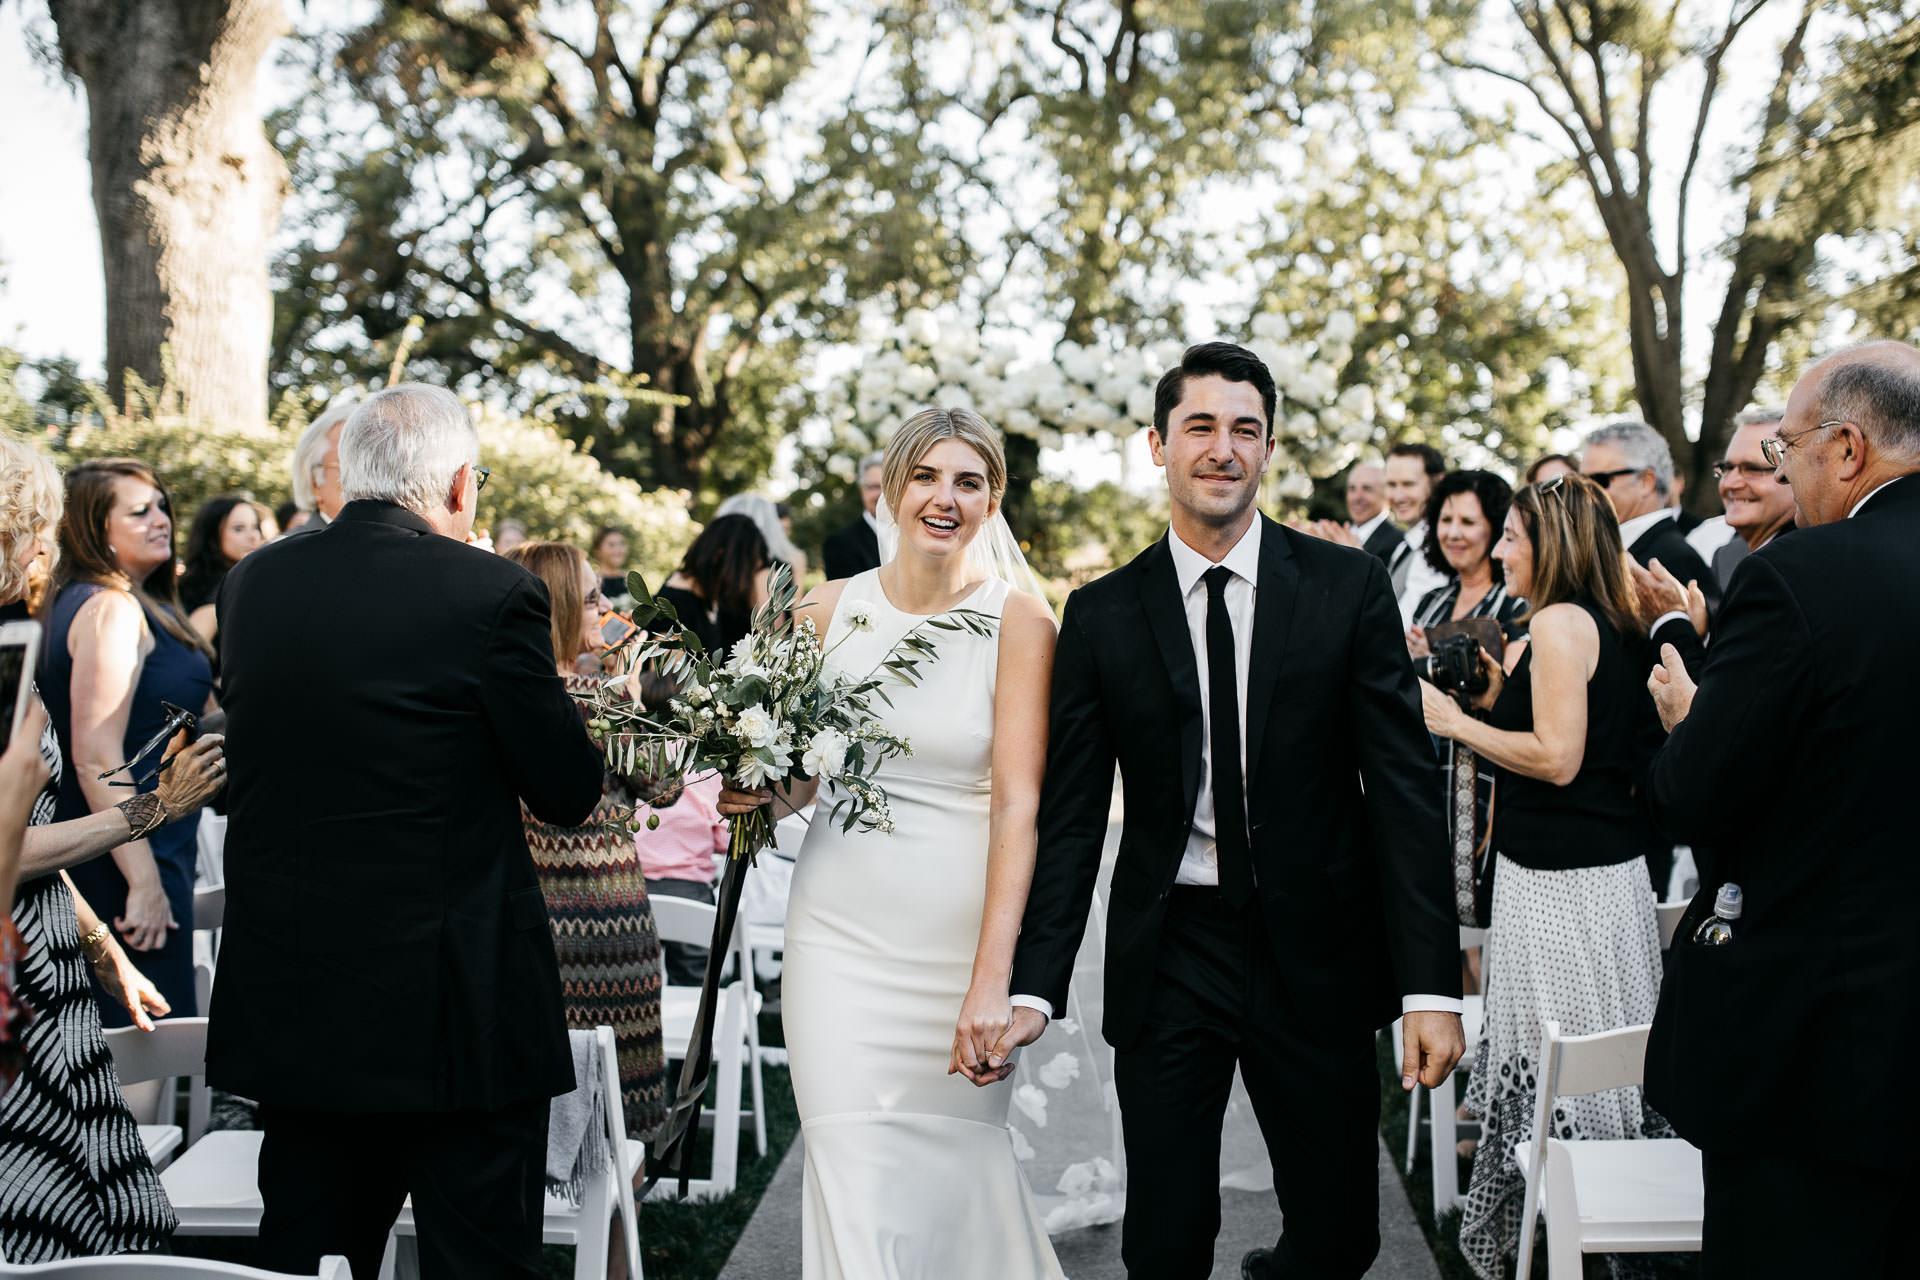 lauren_graham_wedding_california_park_winters_jeanlaurentgaudy_056